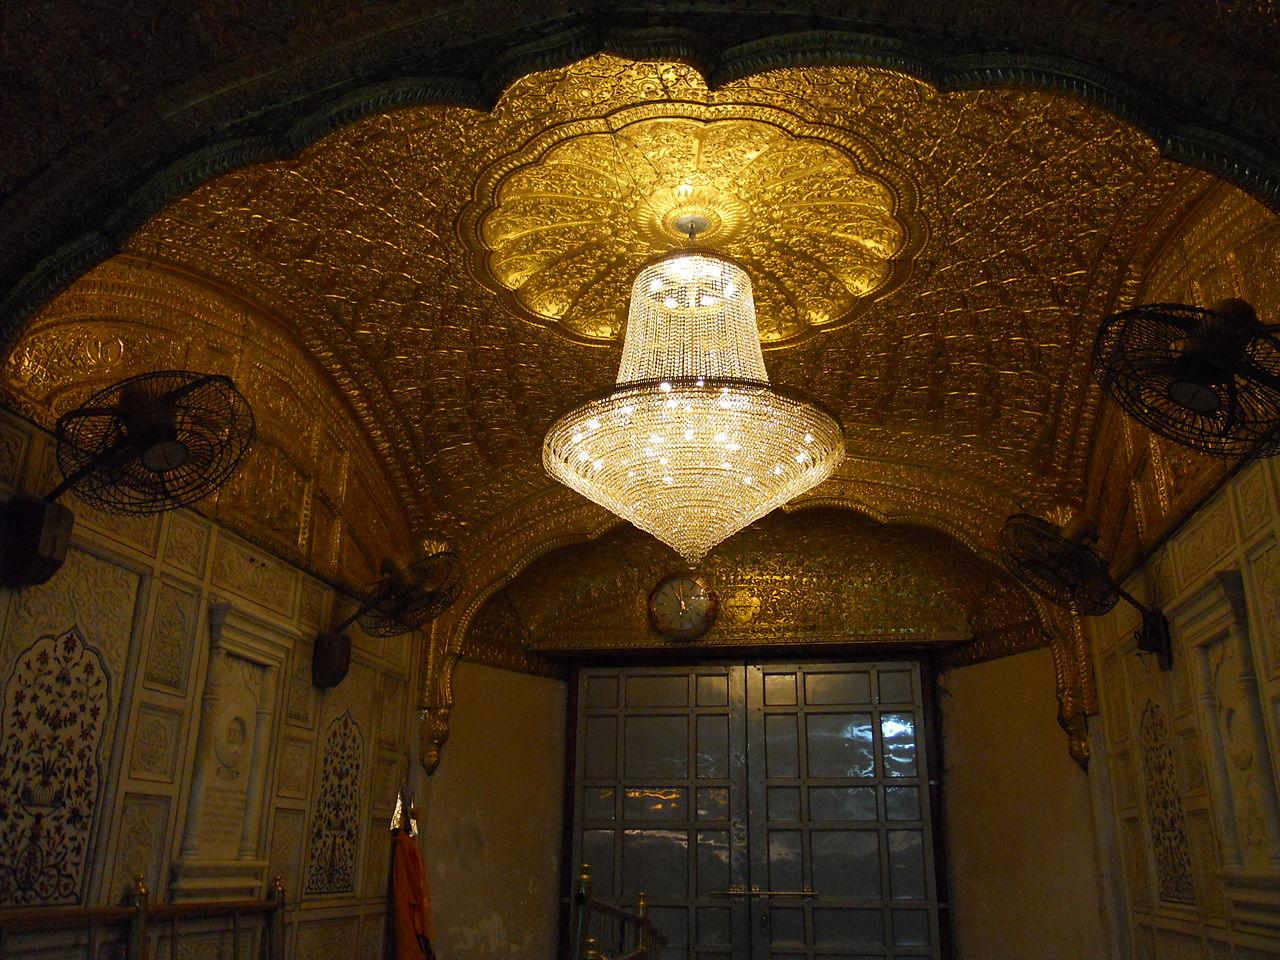 FileInside Golden TempleAmritsarJPG  Wikimedia Commons